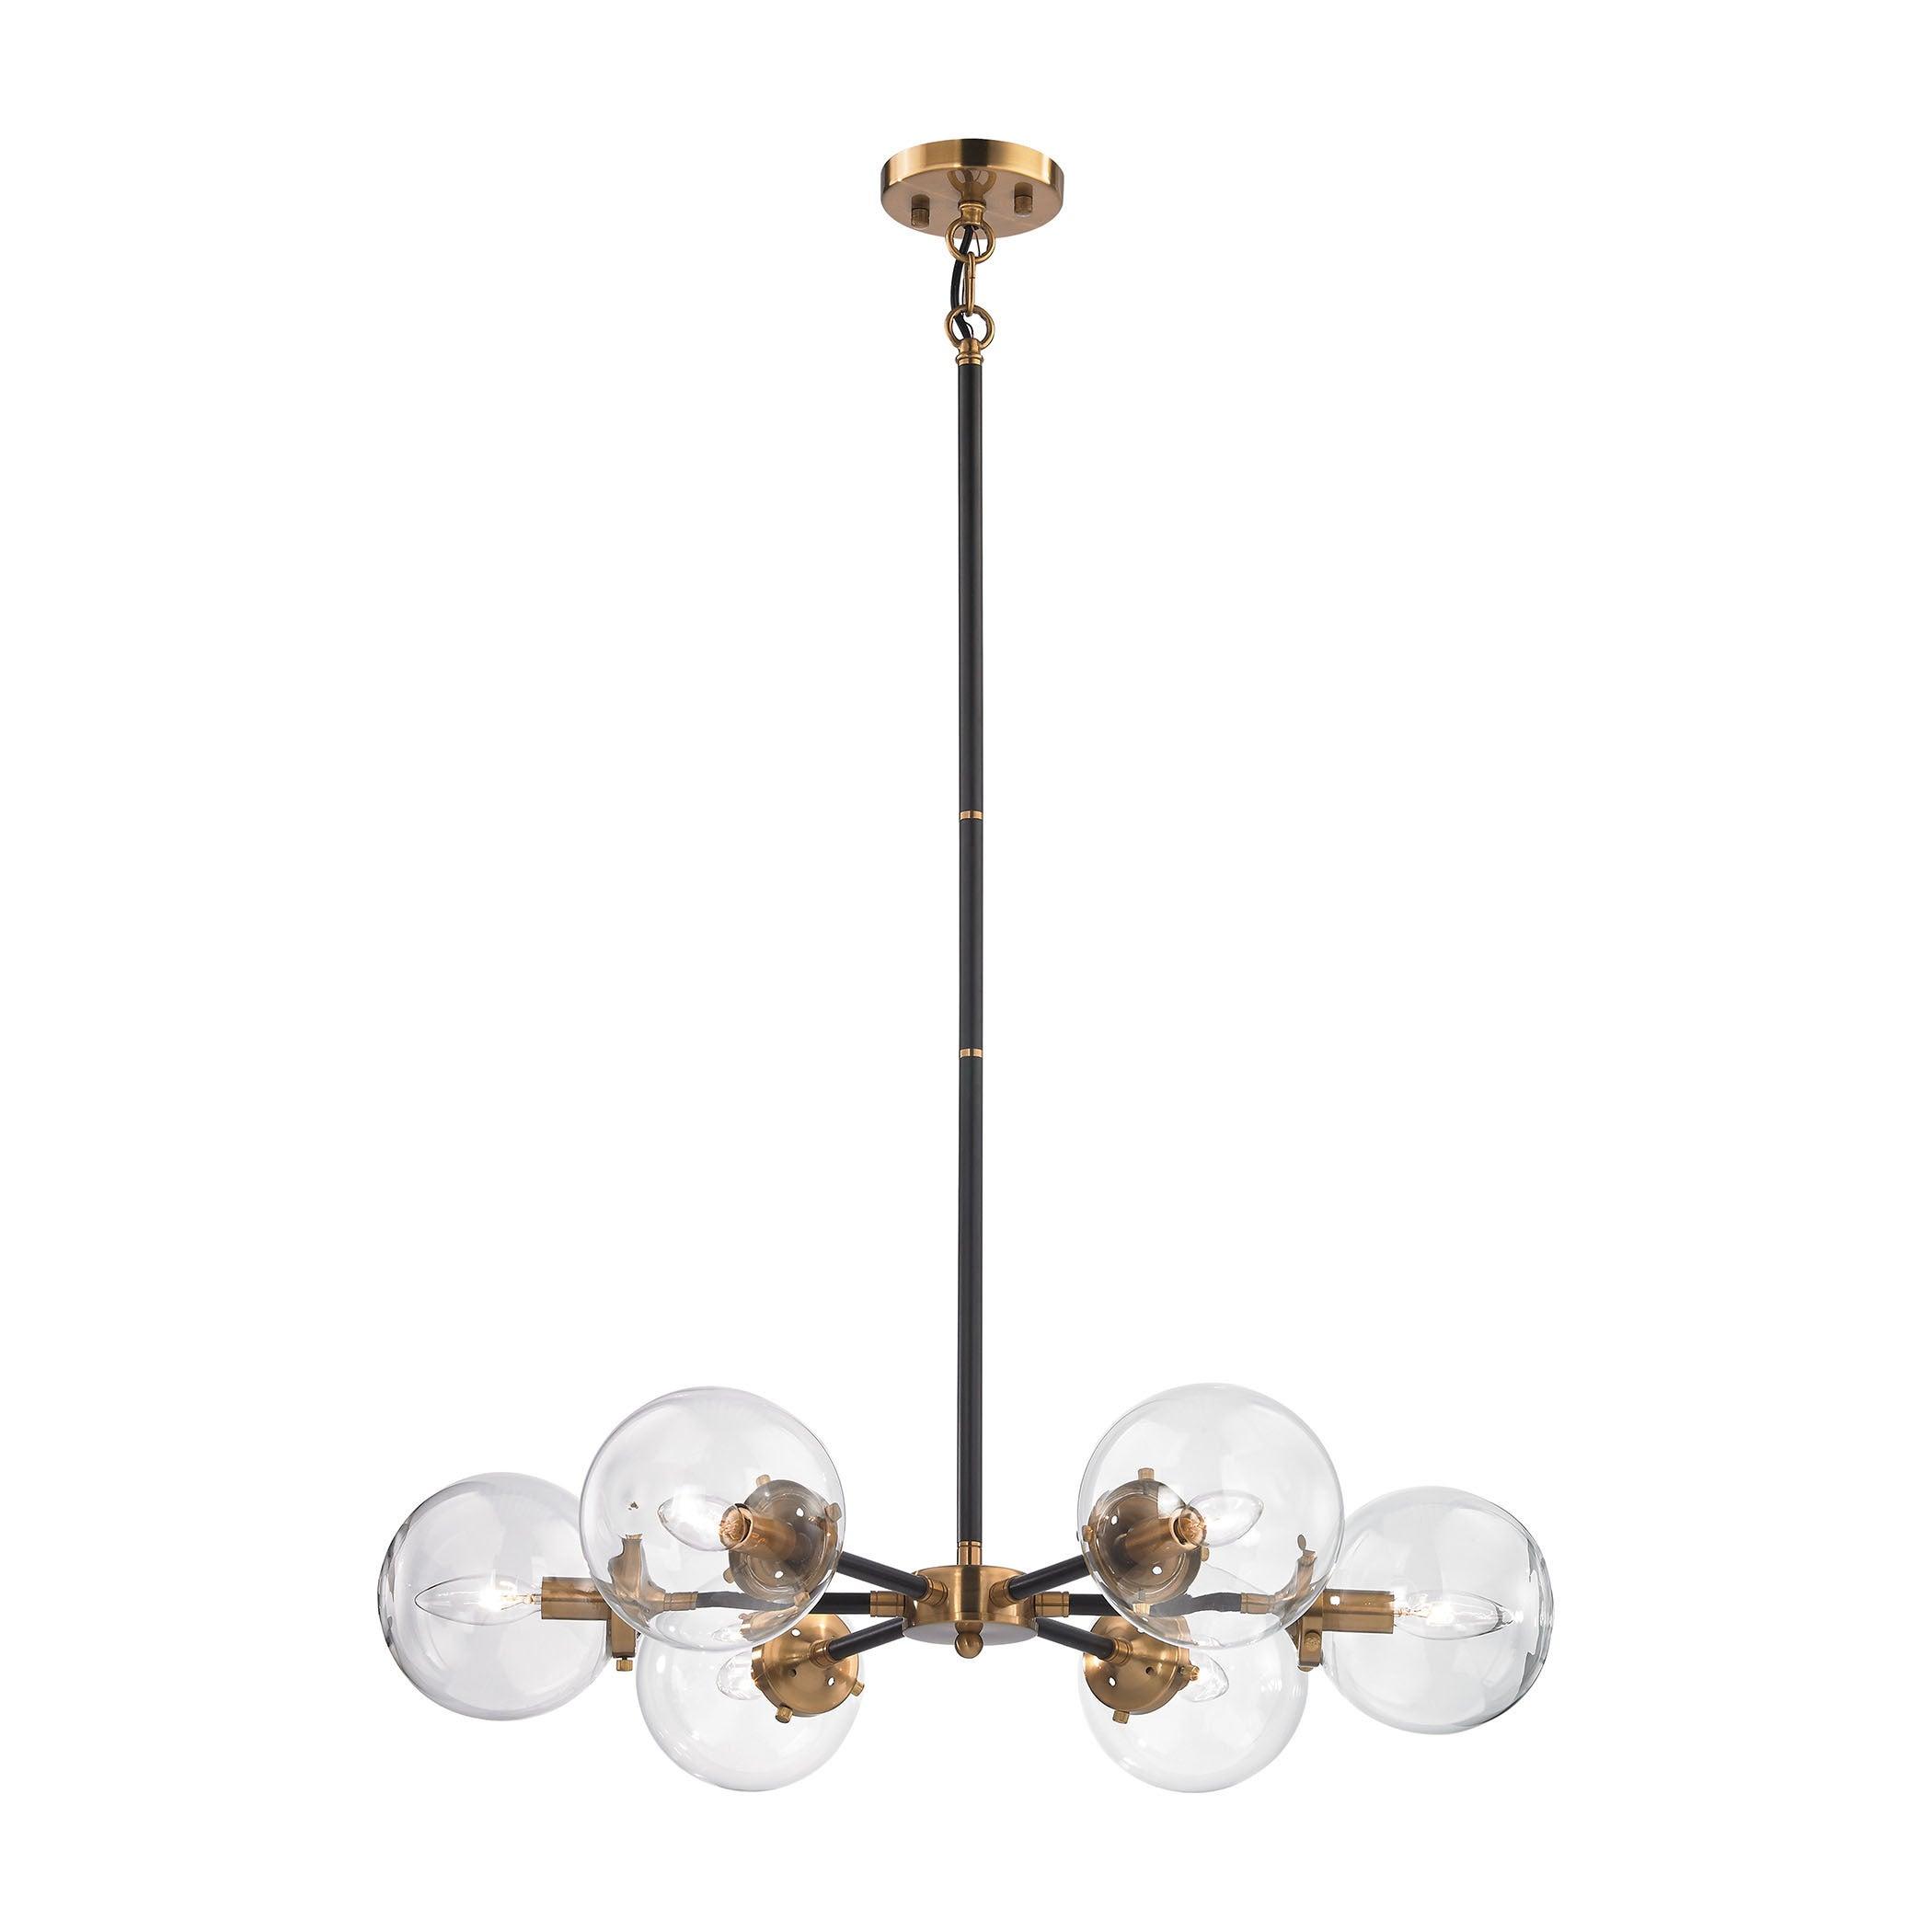 Elk boudreaux 6 light led chandelier in matte black and antique elk boudreaux 6 light led chandelier in matte black and antique gold free shipping today overstock 18318835 arubaitofo Images